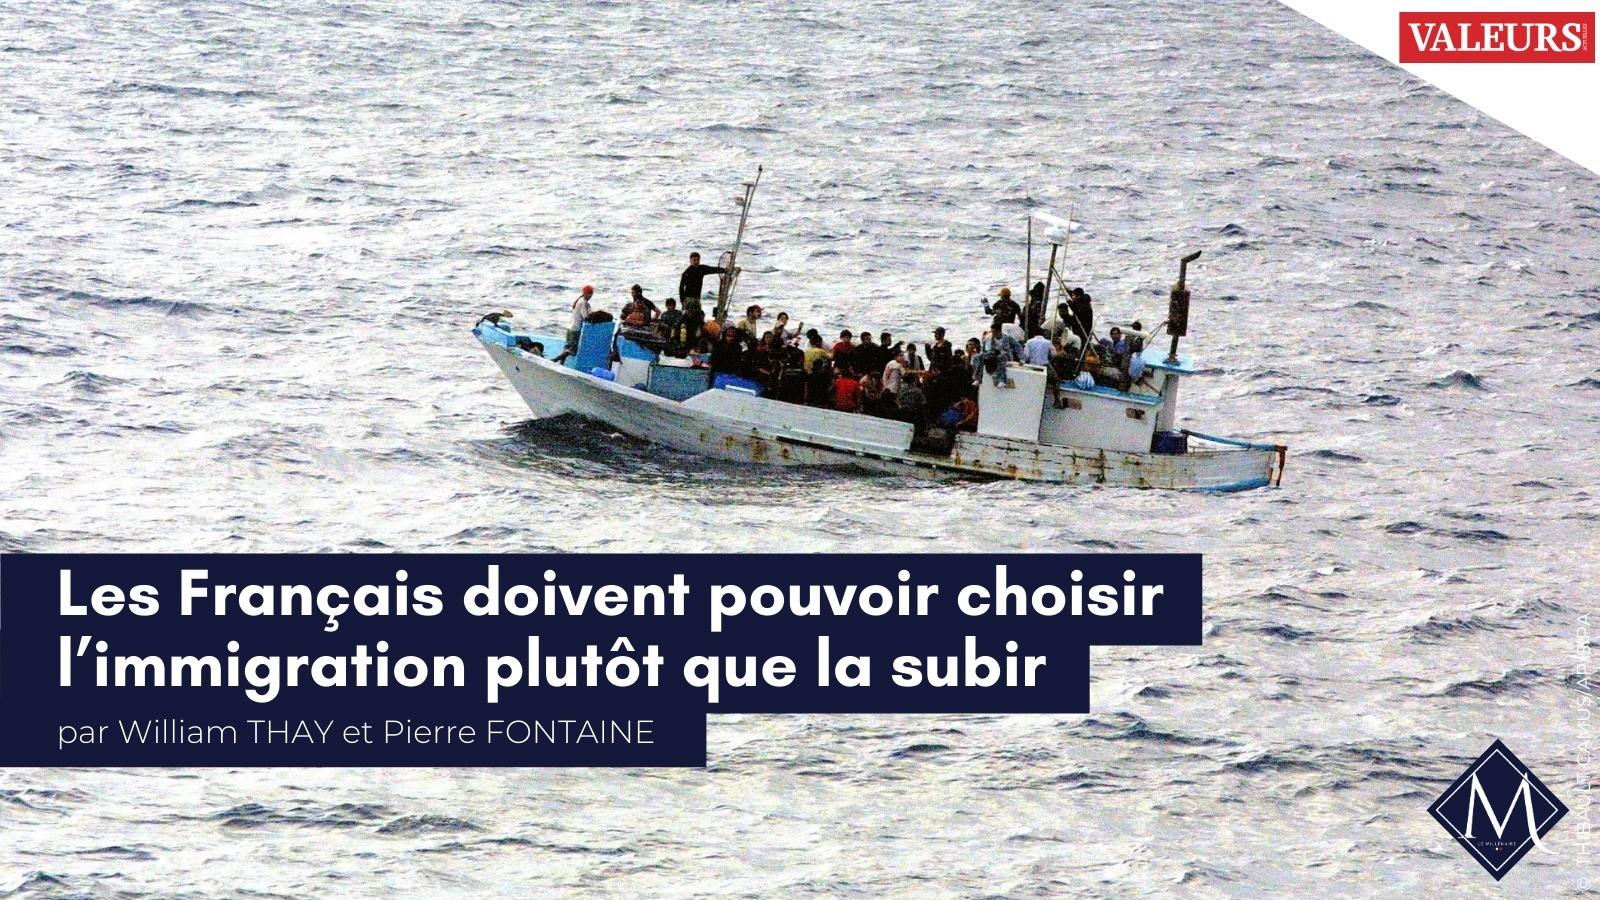 Retrouvez l'entretien de William Thay et Pierre Fontaine pour Valeurs Actuelles : «Les Français doivent pouvoir choisir l'immigration plutôt que la subir.»